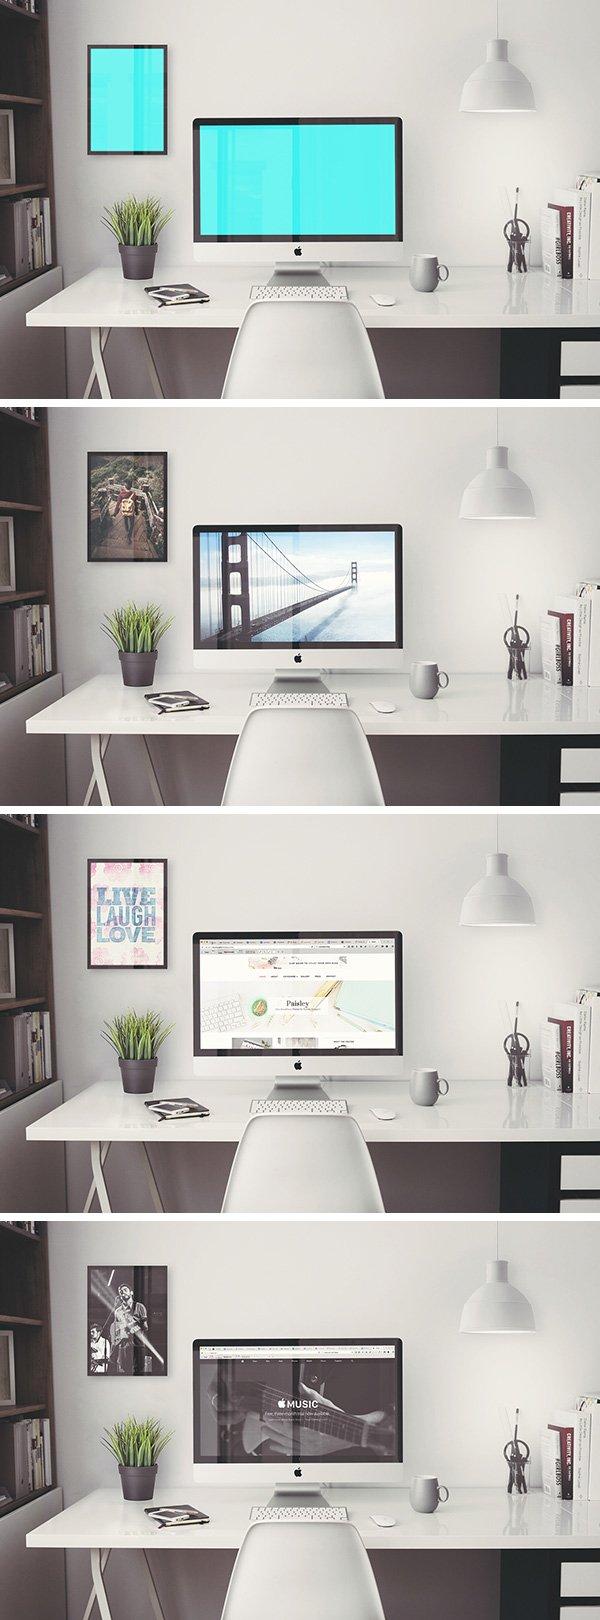 iMac Office Mockup (.Psd) скачать бесплатно